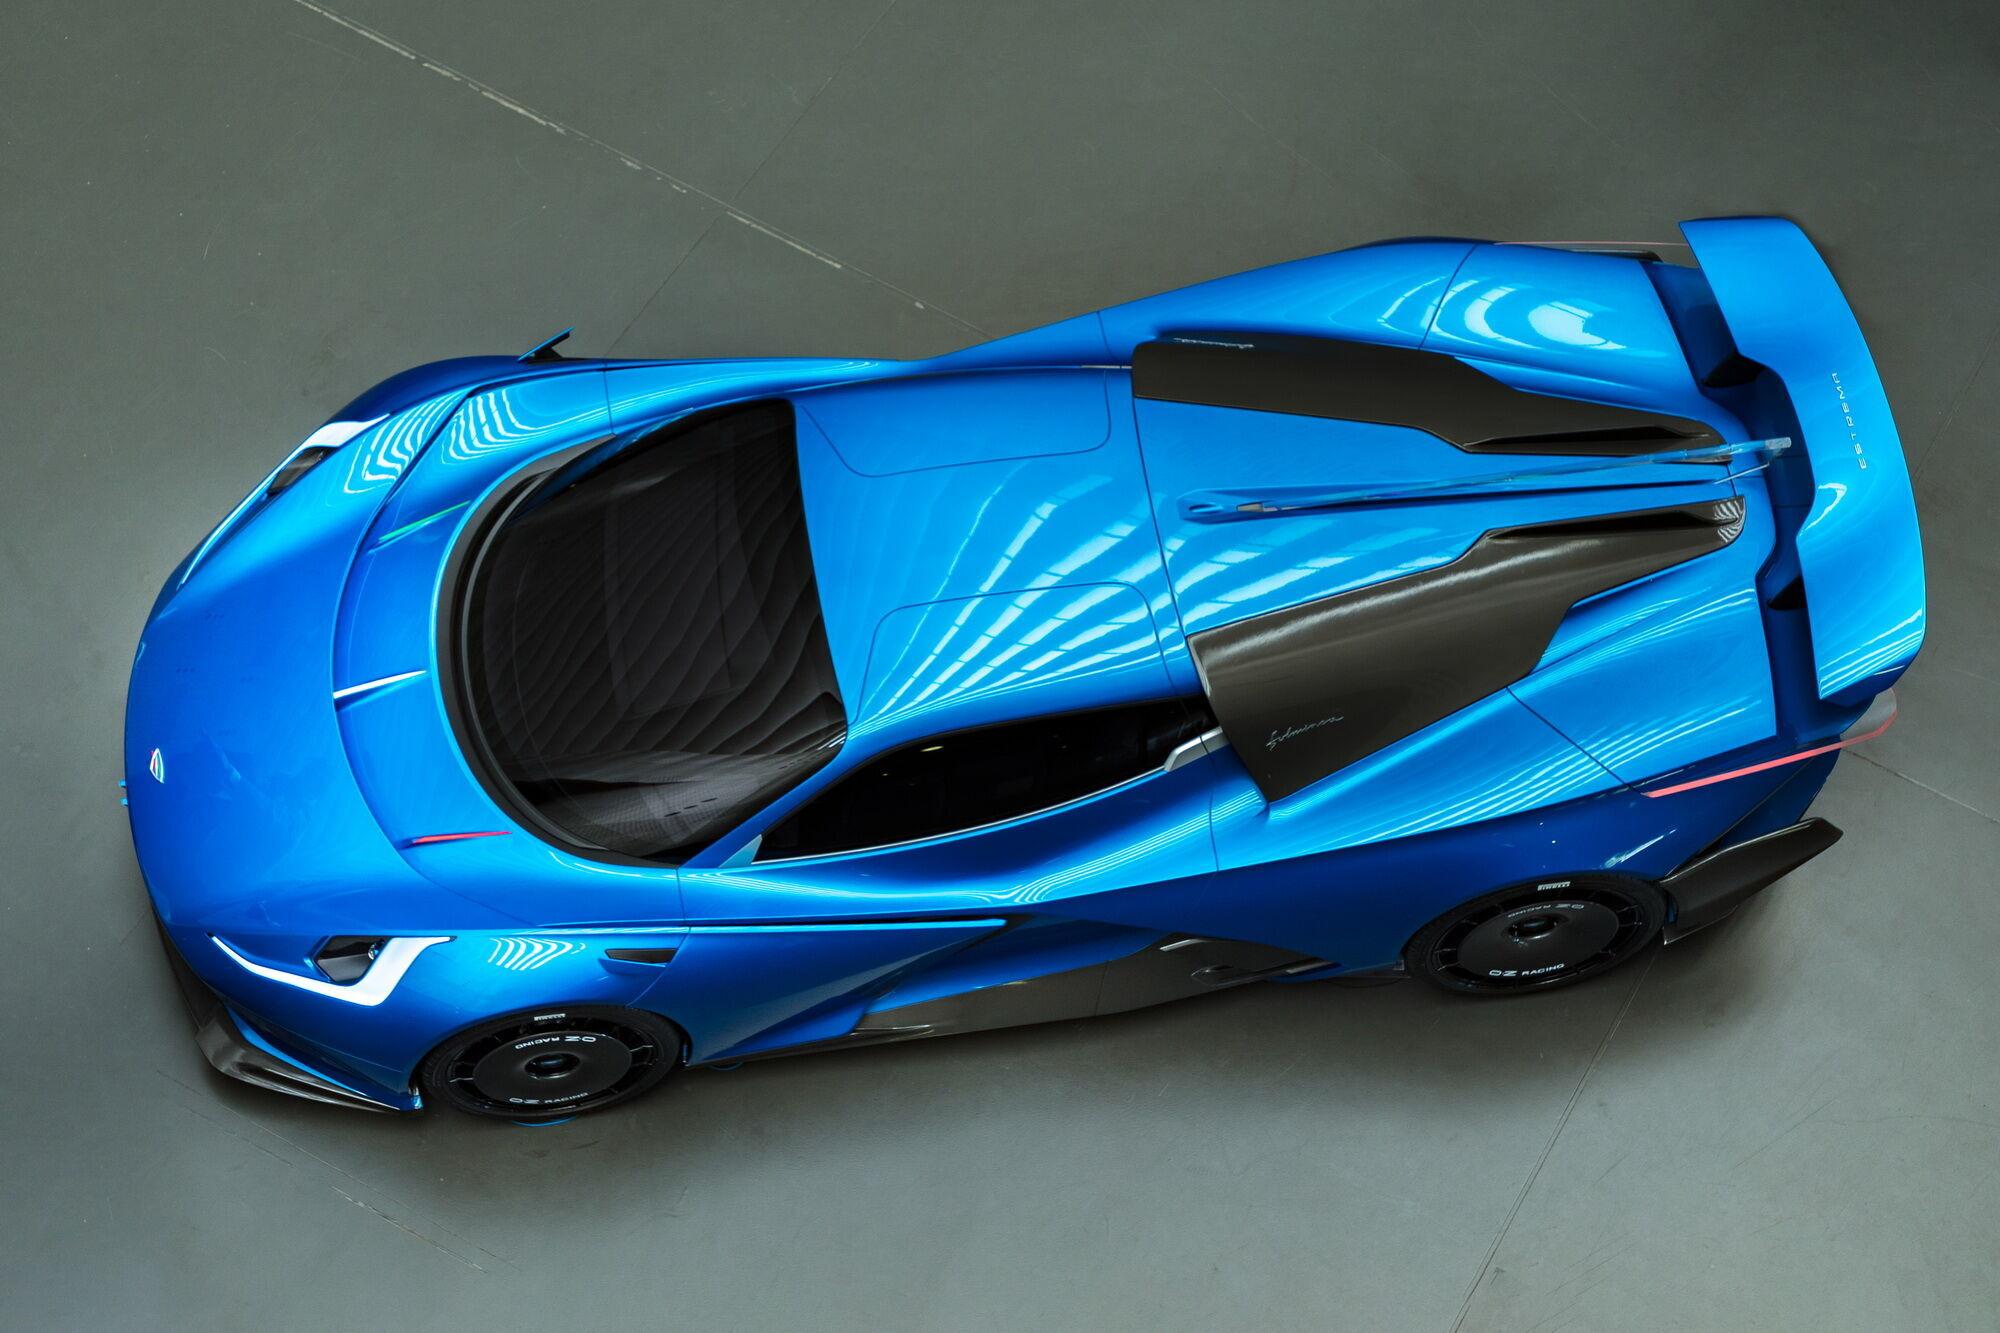 За словами творців, автомобіль здатний долати на одній зарядці близько 520 км